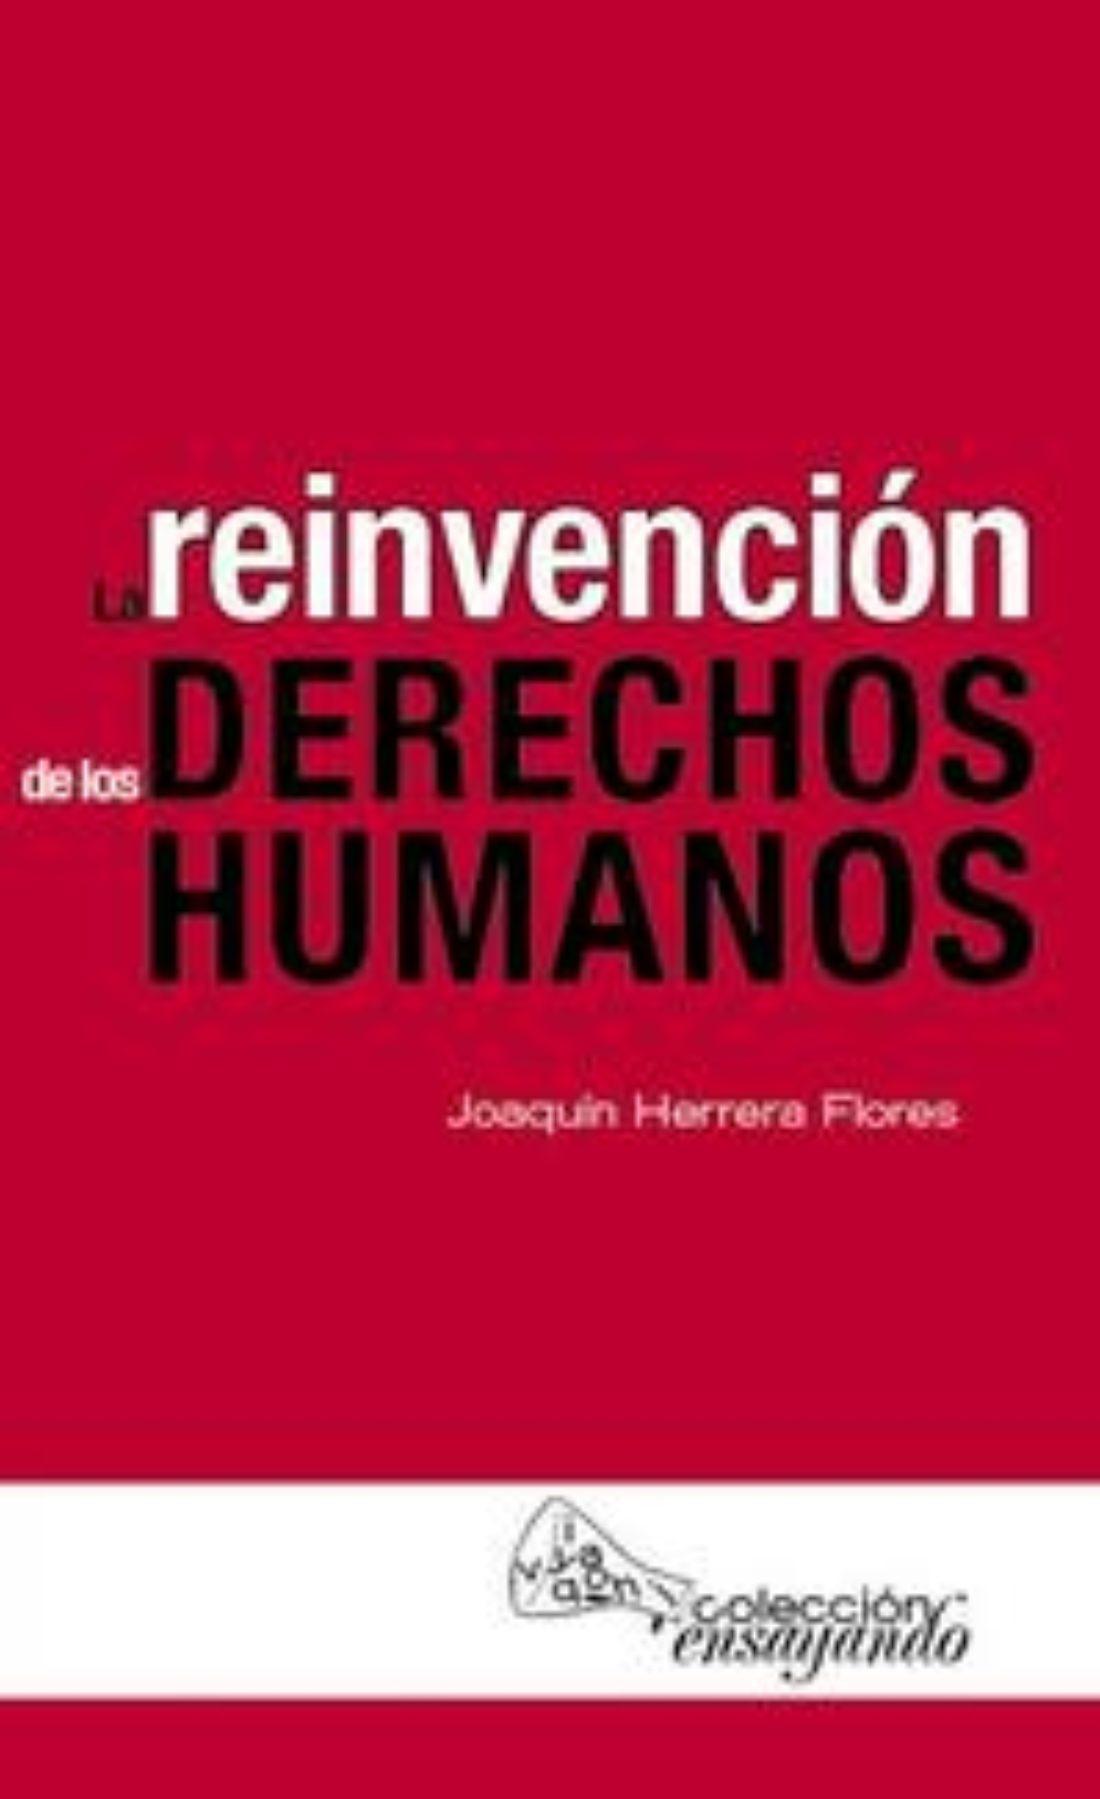 Madrid: Presentación del libro «La reinvención de los derechos humanos»